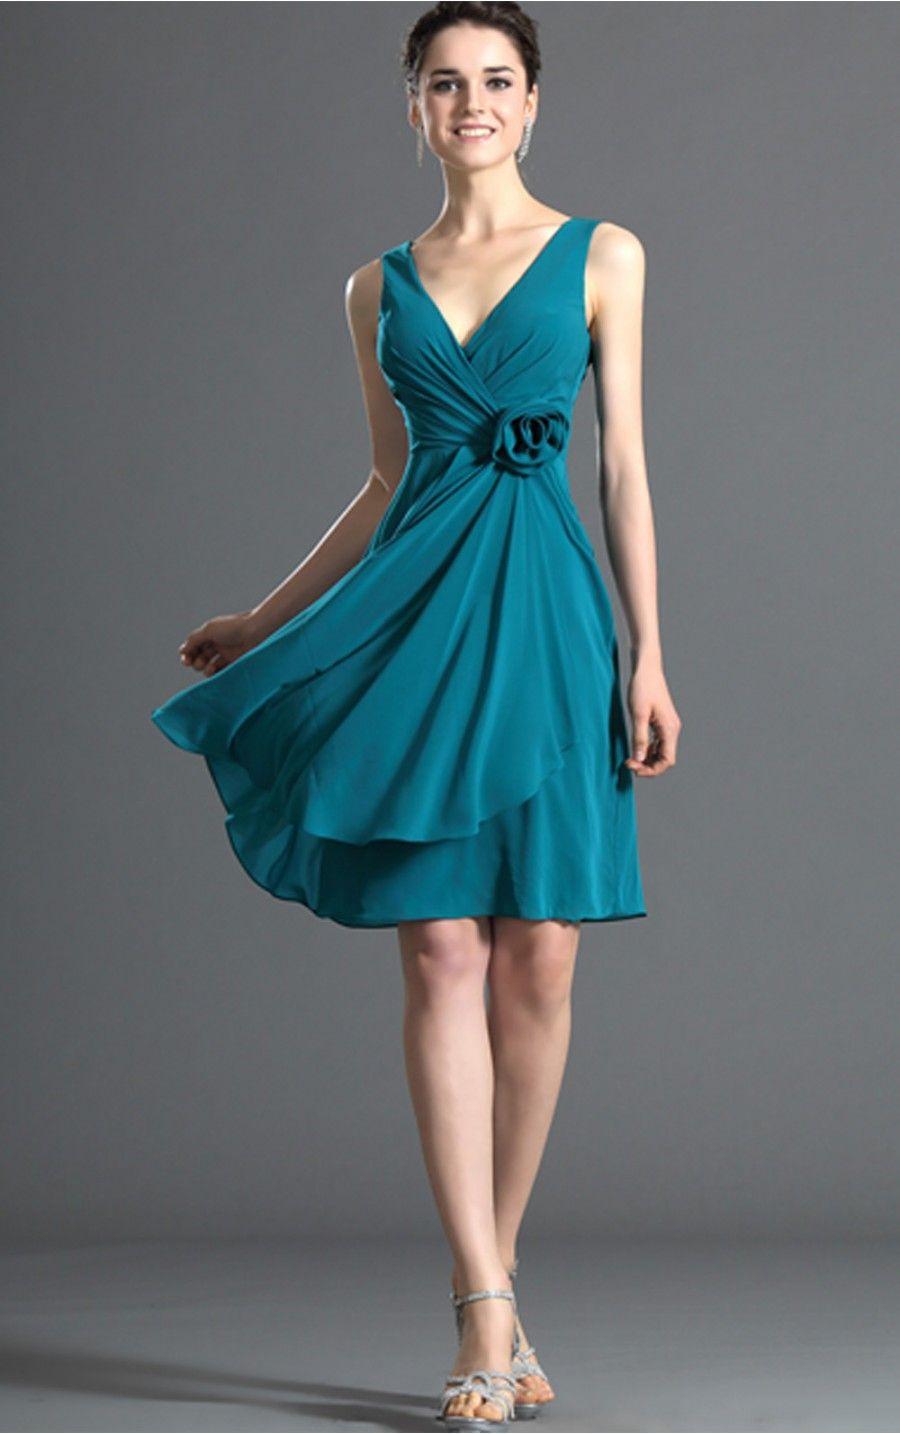 Spektakulär Kleid Für Hochzeit Blau für 201915 Fantastisch Kleid Für Hochzeit Blau Bester Preis